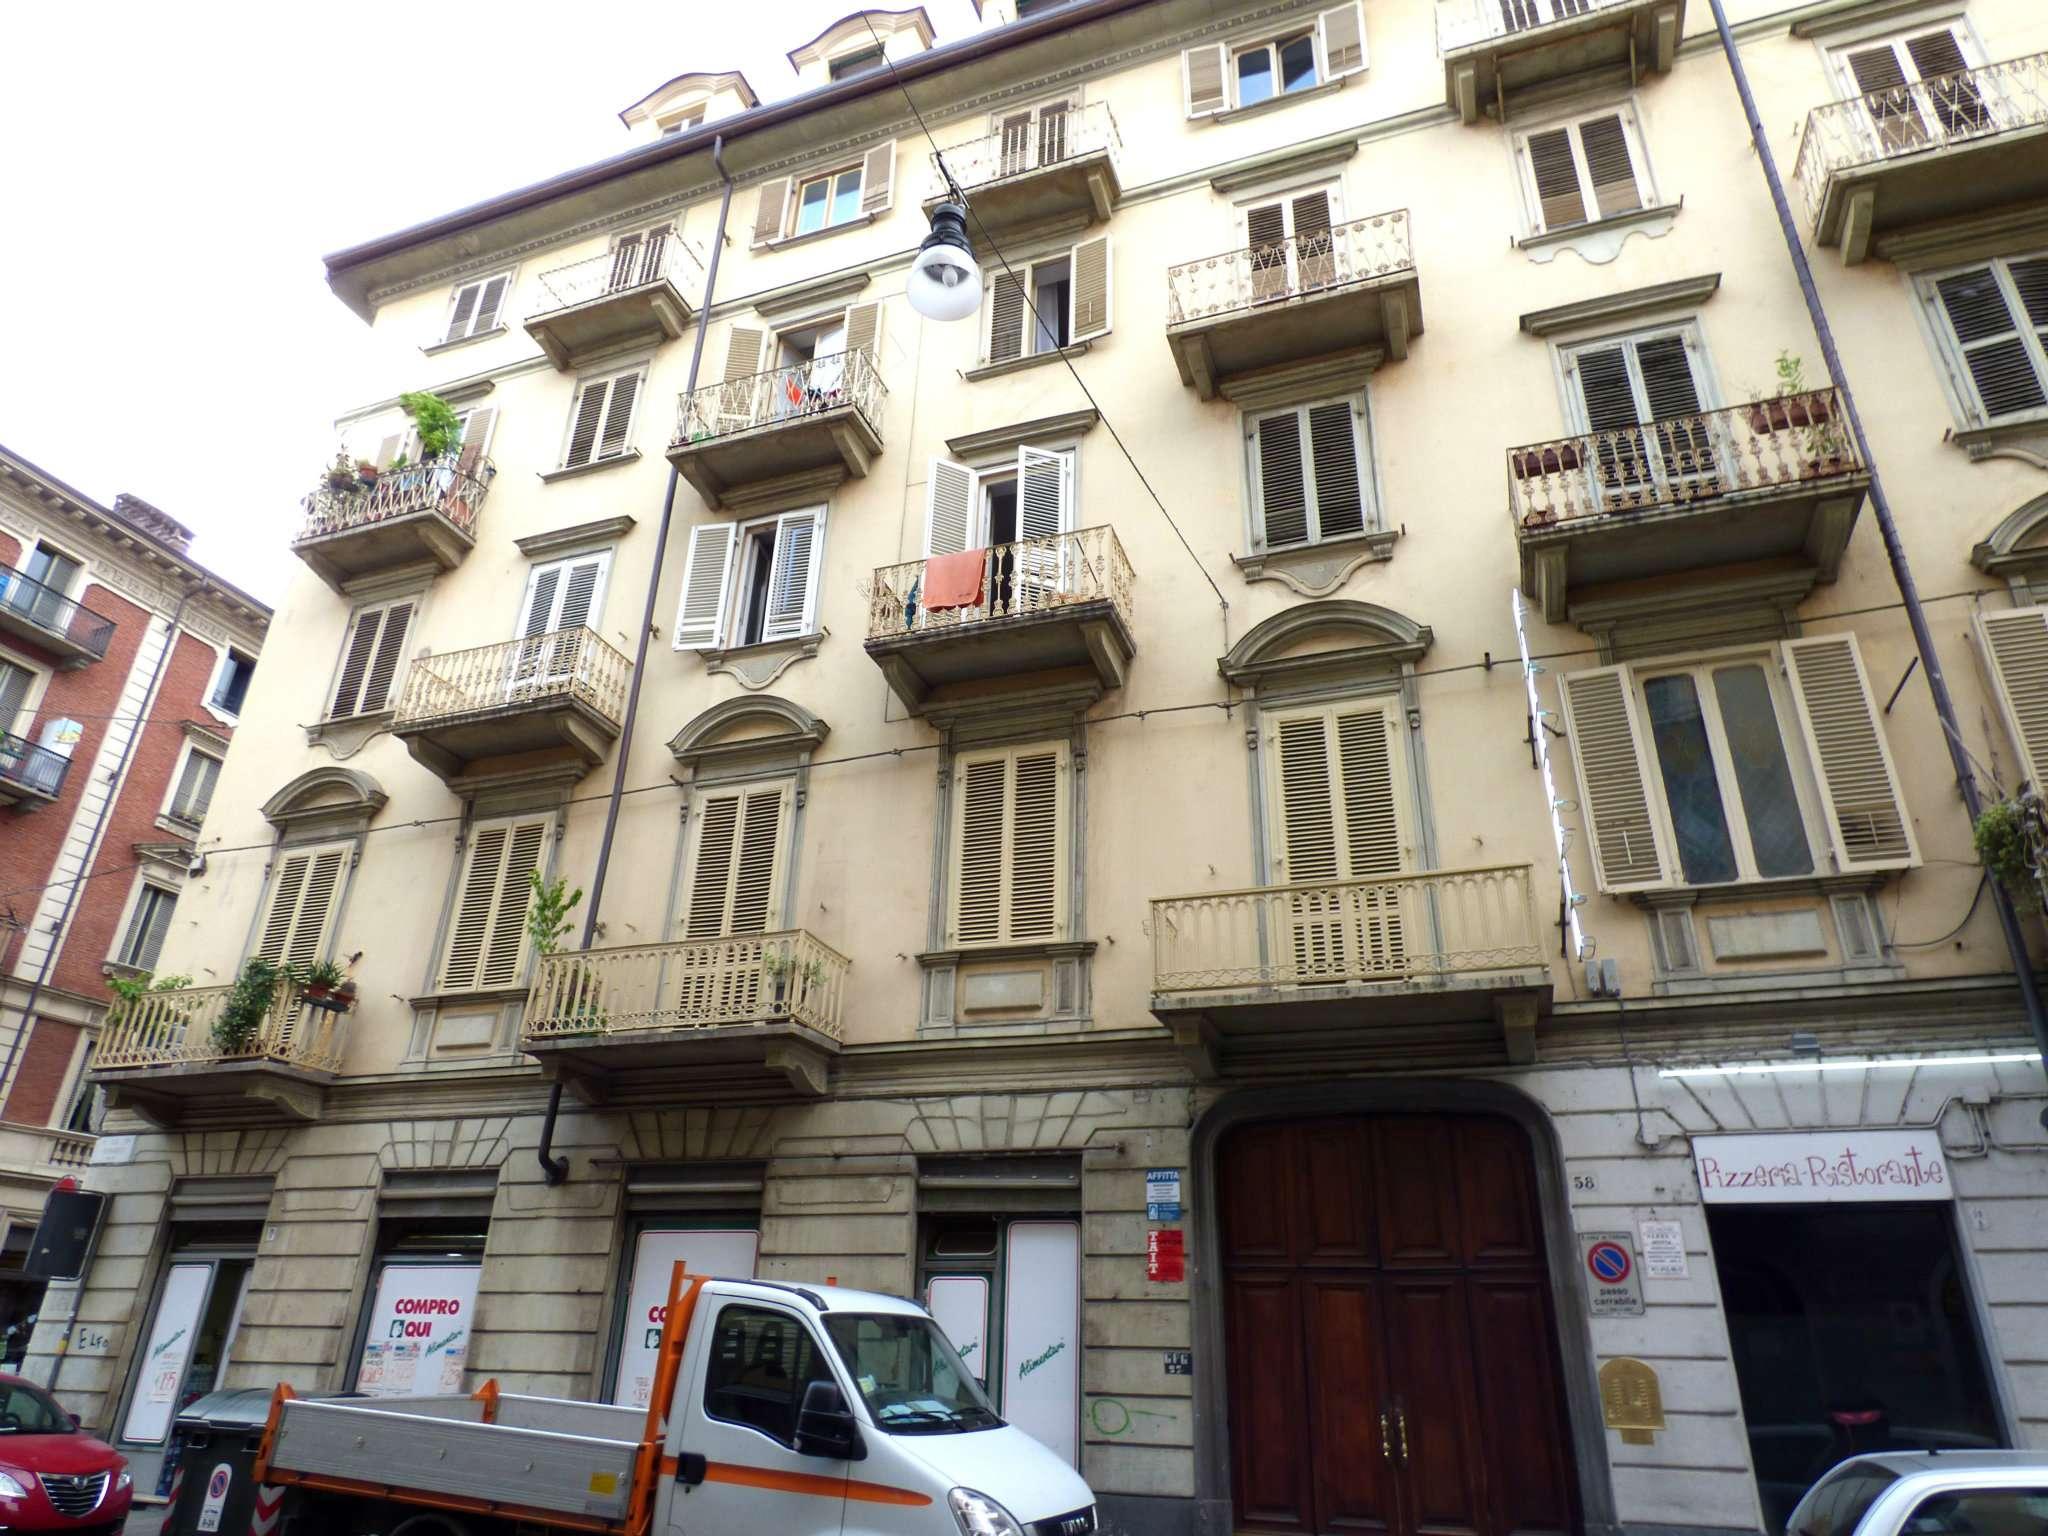 Attico / Mansarda in affitto a Torino, 1 locali, zona Zona: 2 . San Secondo, Crocetta, prezzo € 300 | CambioCasa.it